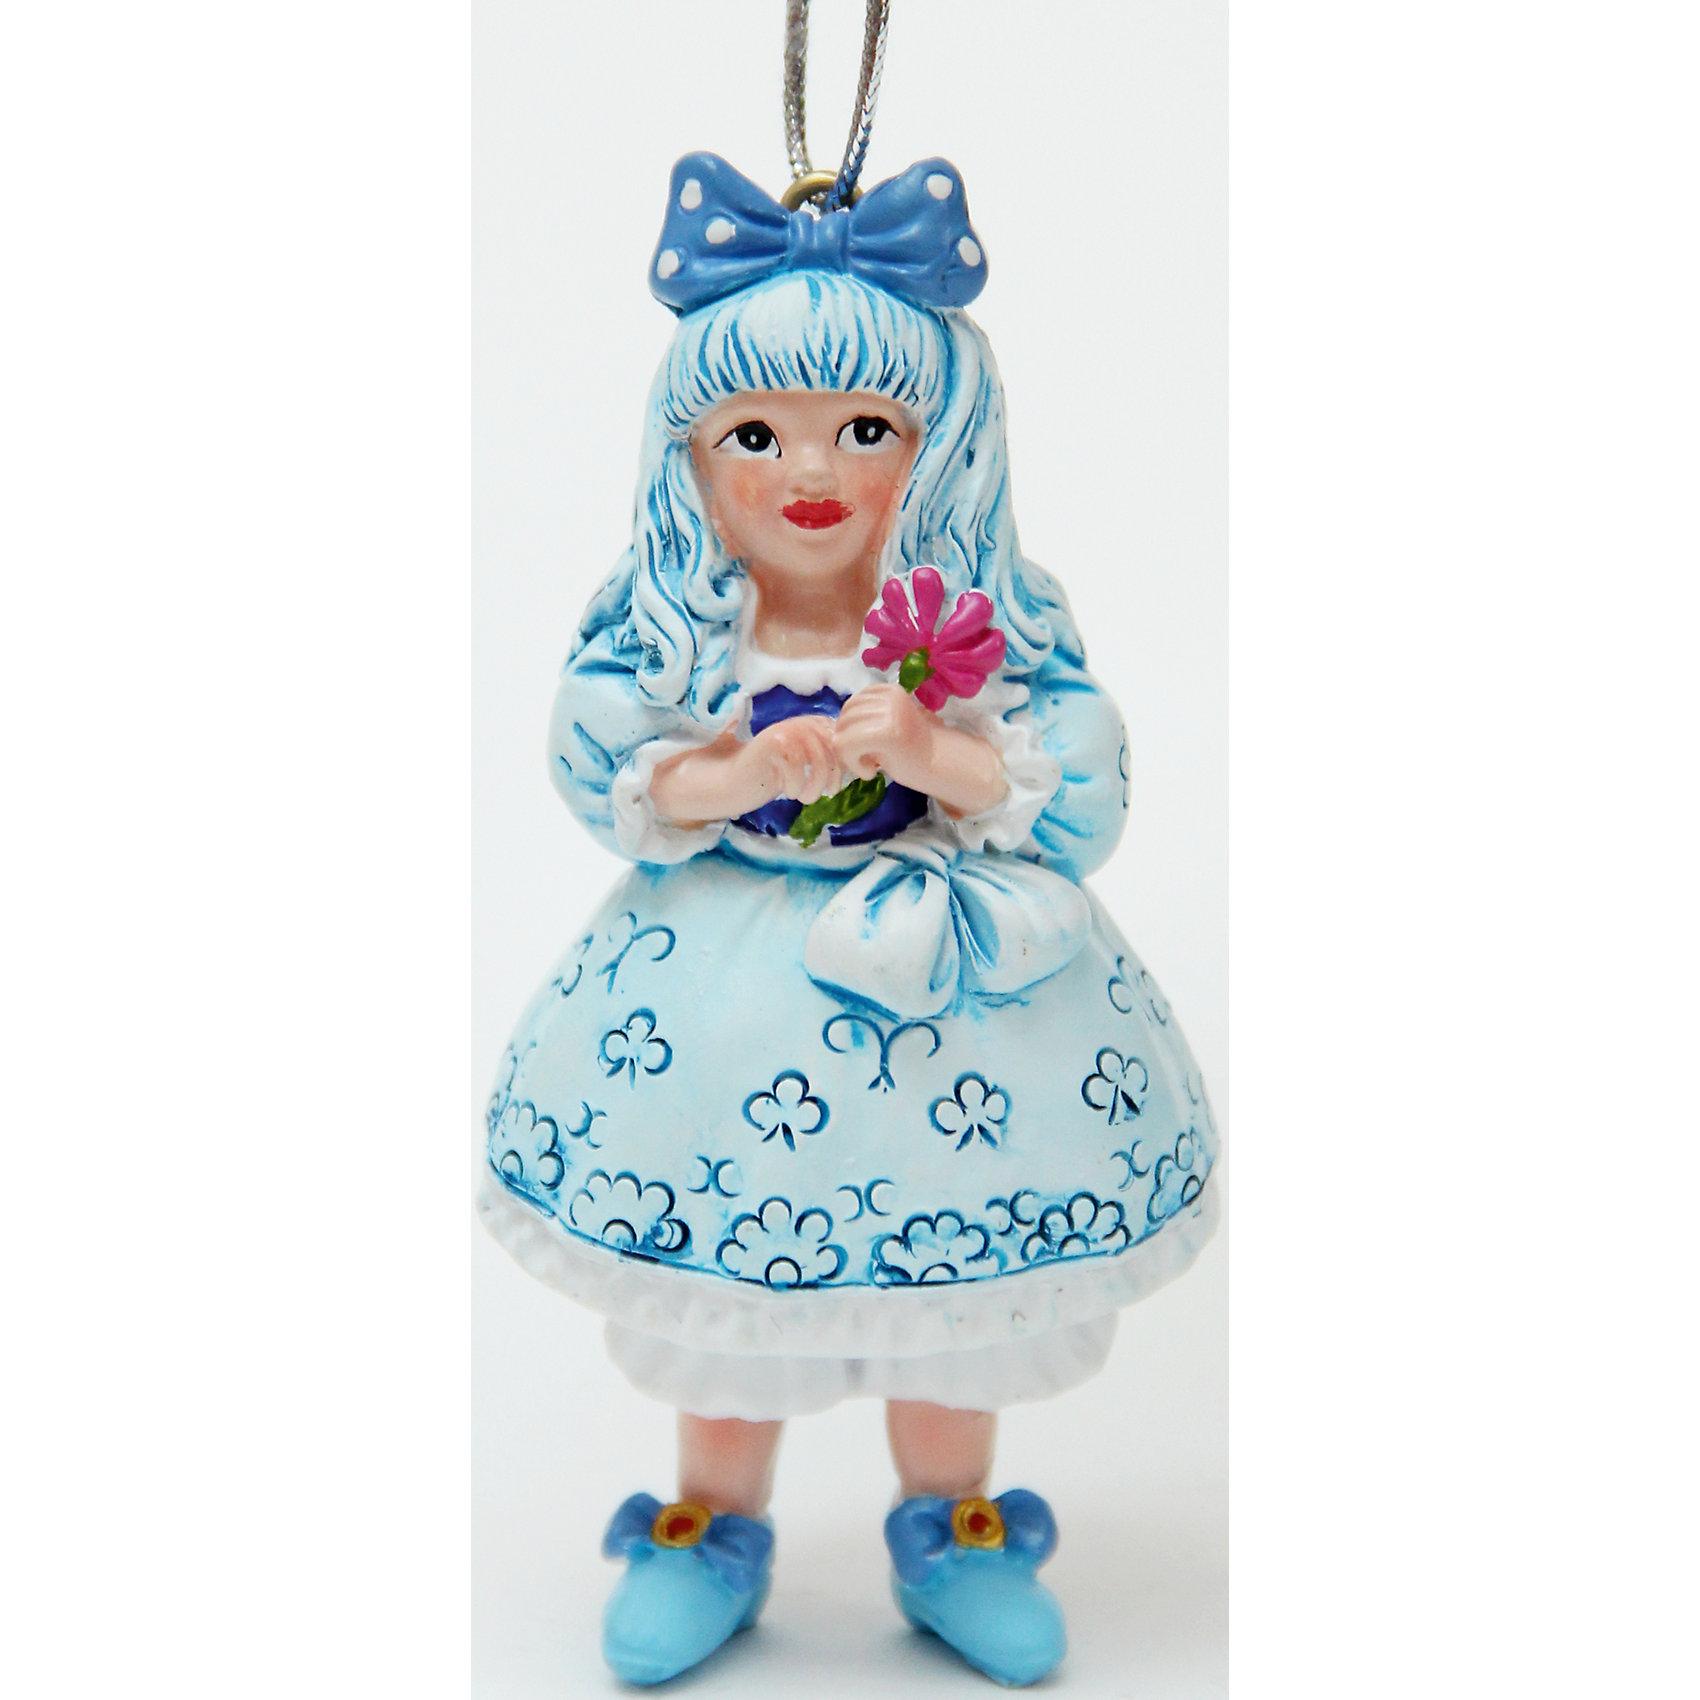 Украшение МальвинаВсё для праздника<br>Новый год - самый любимый праздник у многих детей и взрослых. Праздничное настроение создает в первую очередь украшенный дом и, особенно, наряженная ёлка. Будь она из леса или искусственная - такая подвесная игрушка украсит любую!<br>Она сделана из безопасного для детей, прочного, но легкого, материала, поэтому не разобьется, упав на пол. Благодаря расцветке украшение отлично смотрится на ёлке. Создайте с ним праздничное настроение себе и близким!<br><br>Дополнительная информация:<br><br>цвет: разноцветный;<br>материал: полирезина;<br>размер: 7,5 см.<br><br>Украшение Мальвина можно купить в нашем магазине.<br><br>Ширина мм: 150<br>Глубина мм: 150<br>Высота мм: 60<br>Вес г: 67<br>Возраст от месяцев: 36<br>Возраст до месяцев: 2147483647<br>Пол: Унисекс<br>Возраст: Детский<br>SKU: 4981687